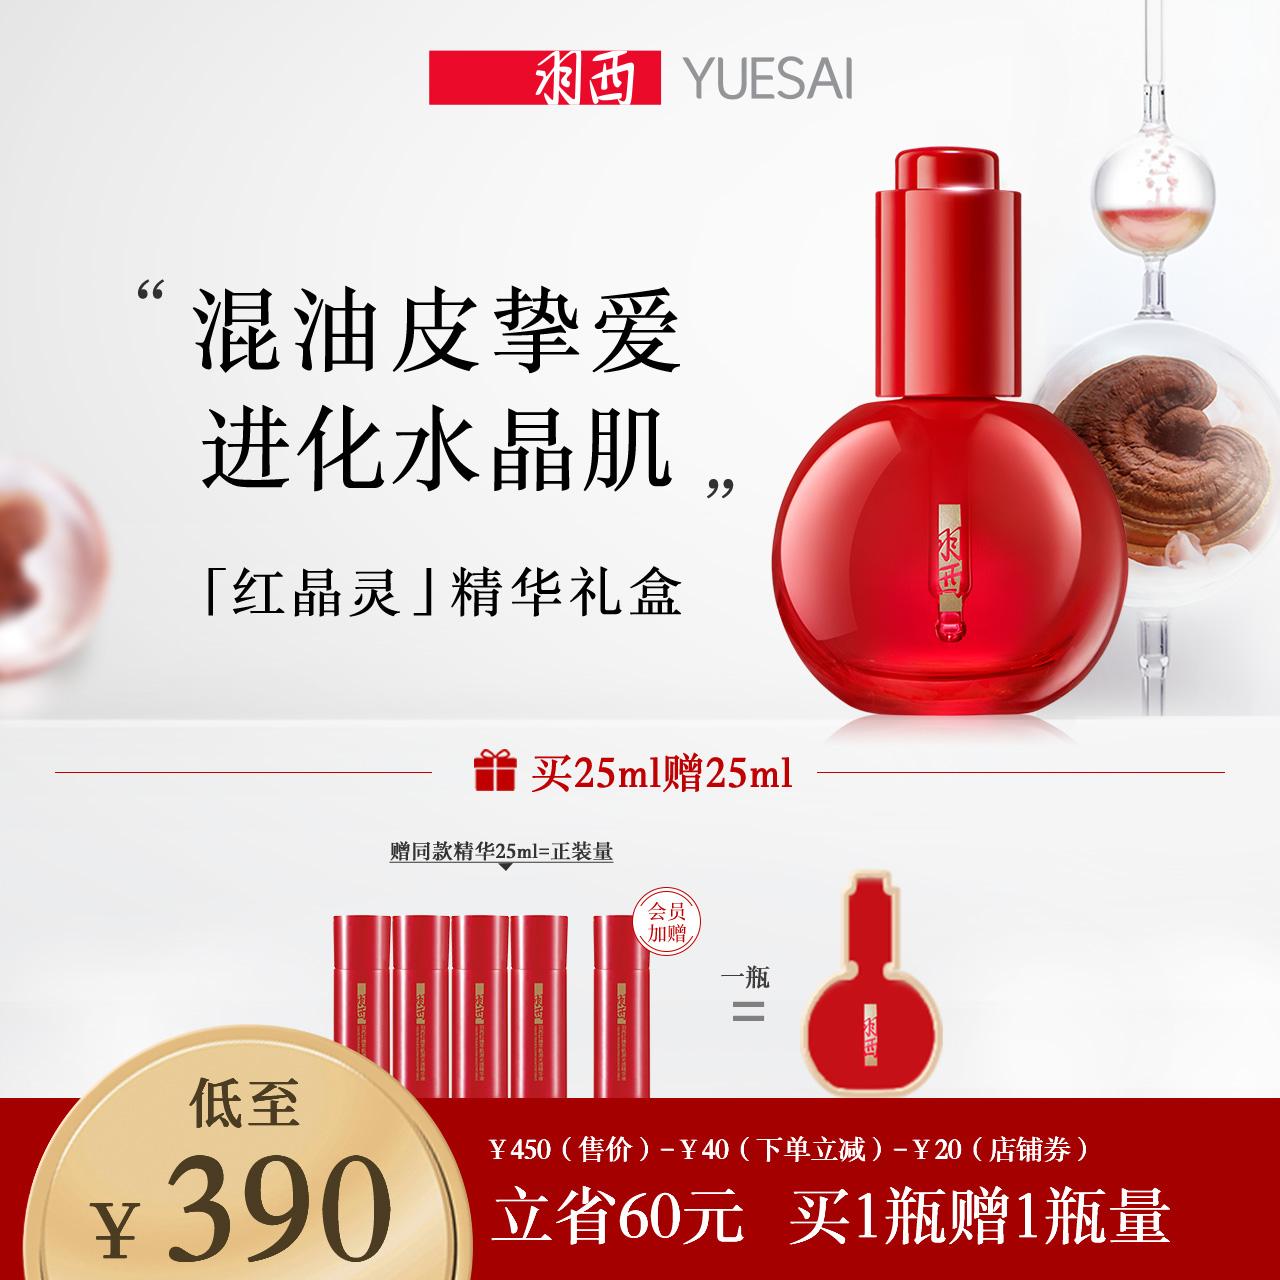 【顺丰速达】羽西红晶灵精华混油皮灵芝红精华液水杨酸收缩毛孔